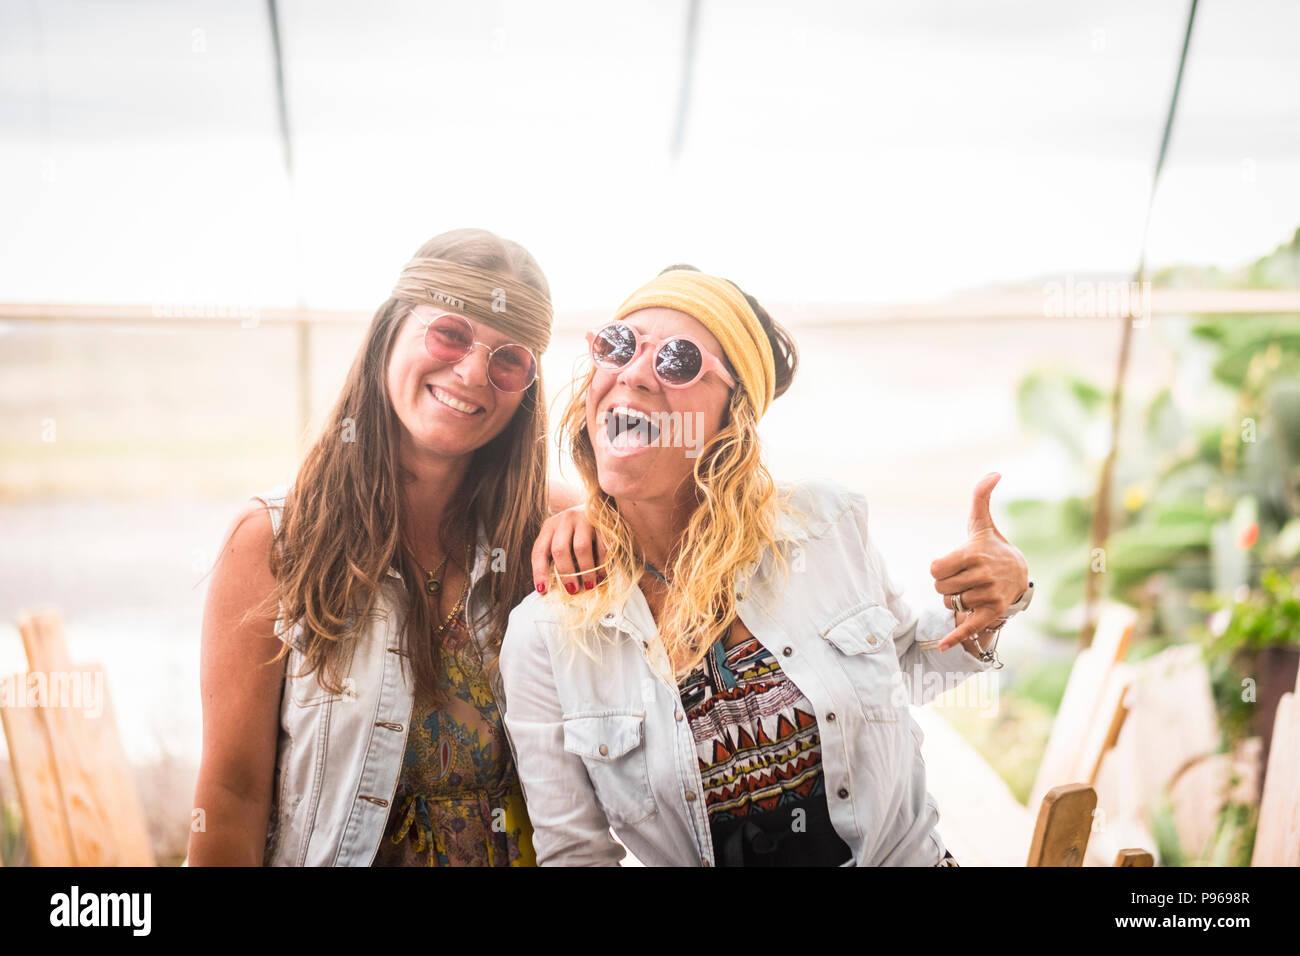 Paio di crazy femmine amici divertirsi e godere di uno stile di vita hippy che indossa il vecchio stile retrò capi di abbigliamento e accessori di moda e di amicizia per giovani c Immagini Stock